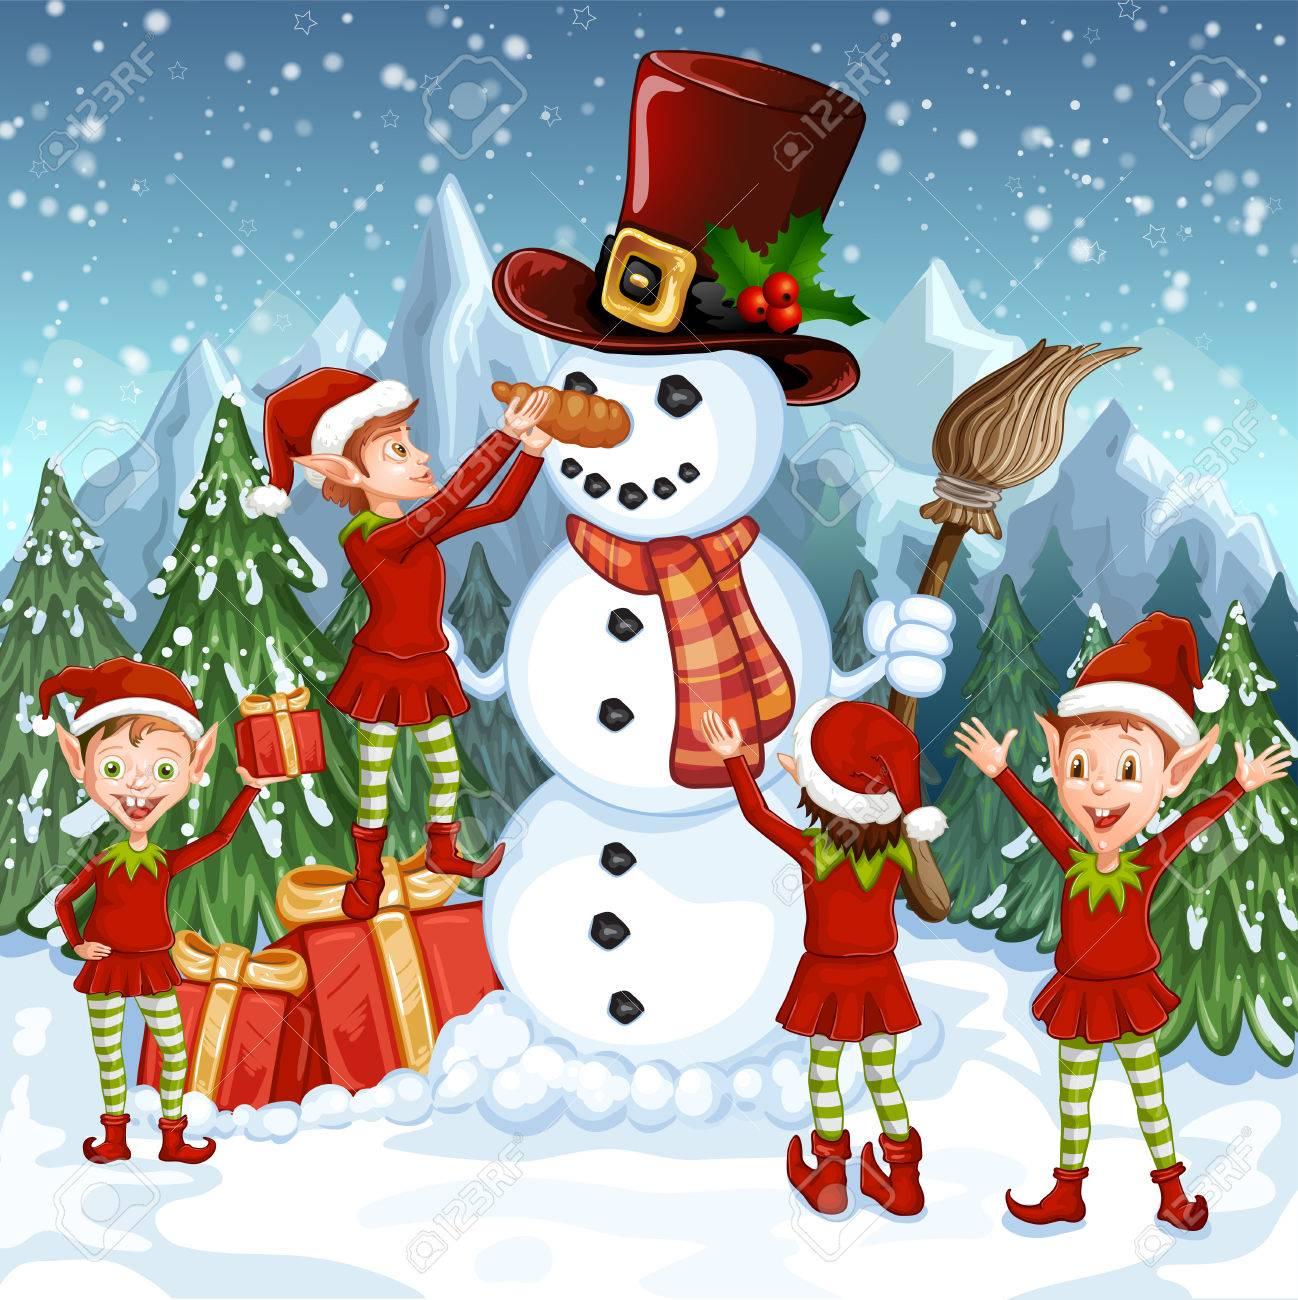 Carte De Joyeux Noel Illustration Avec Bonhomme De Neige Drole Et